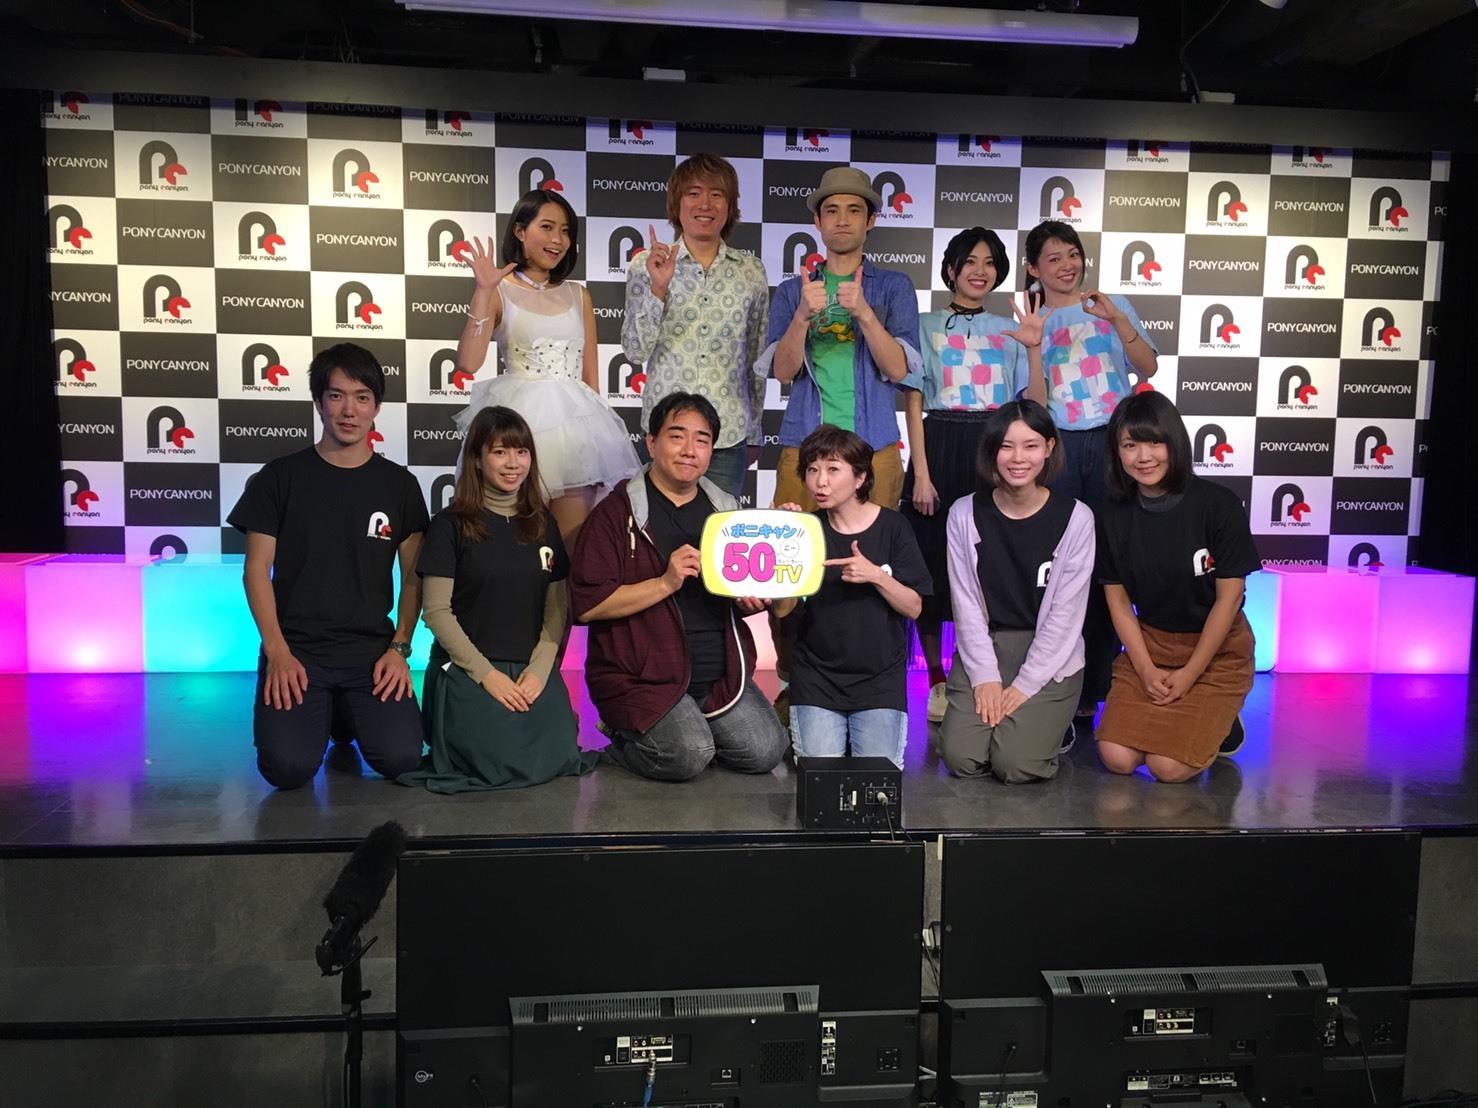 ポニーキャニオン50周年イベント_a0163623_23564112.jpg